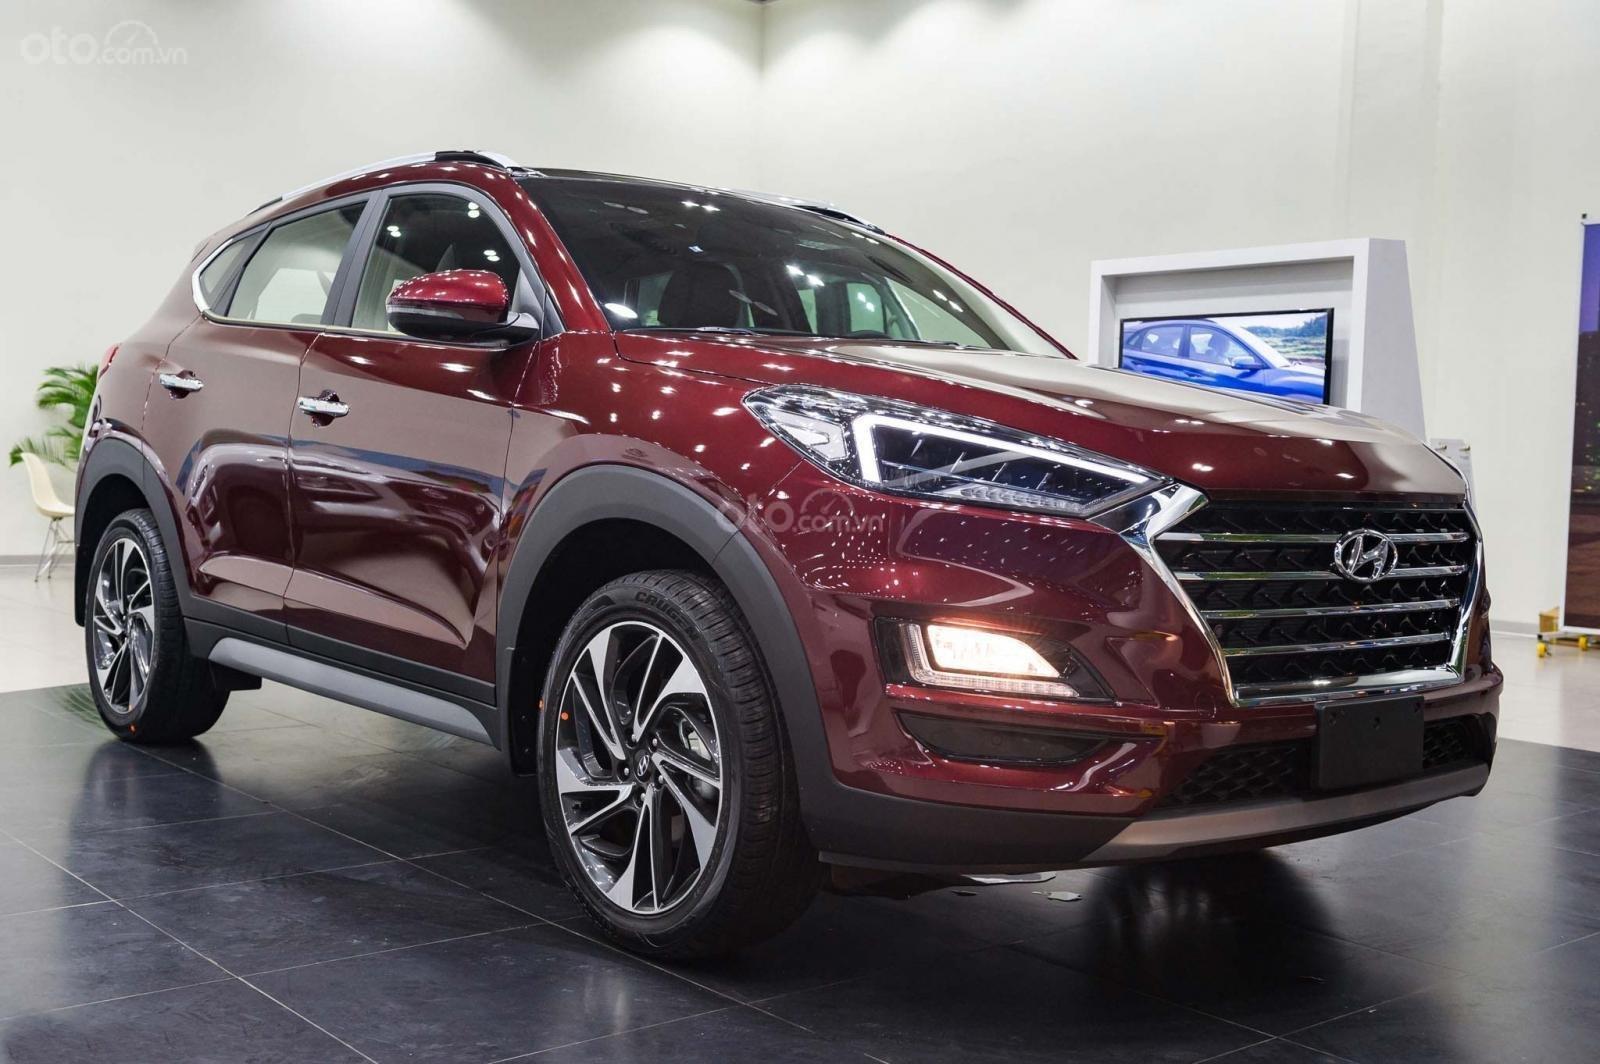 Hyundai Tucson Facelip 2019, chương trình khuyến mãi lên đến 15 triệu. LH ngay 09.387.383.06-1